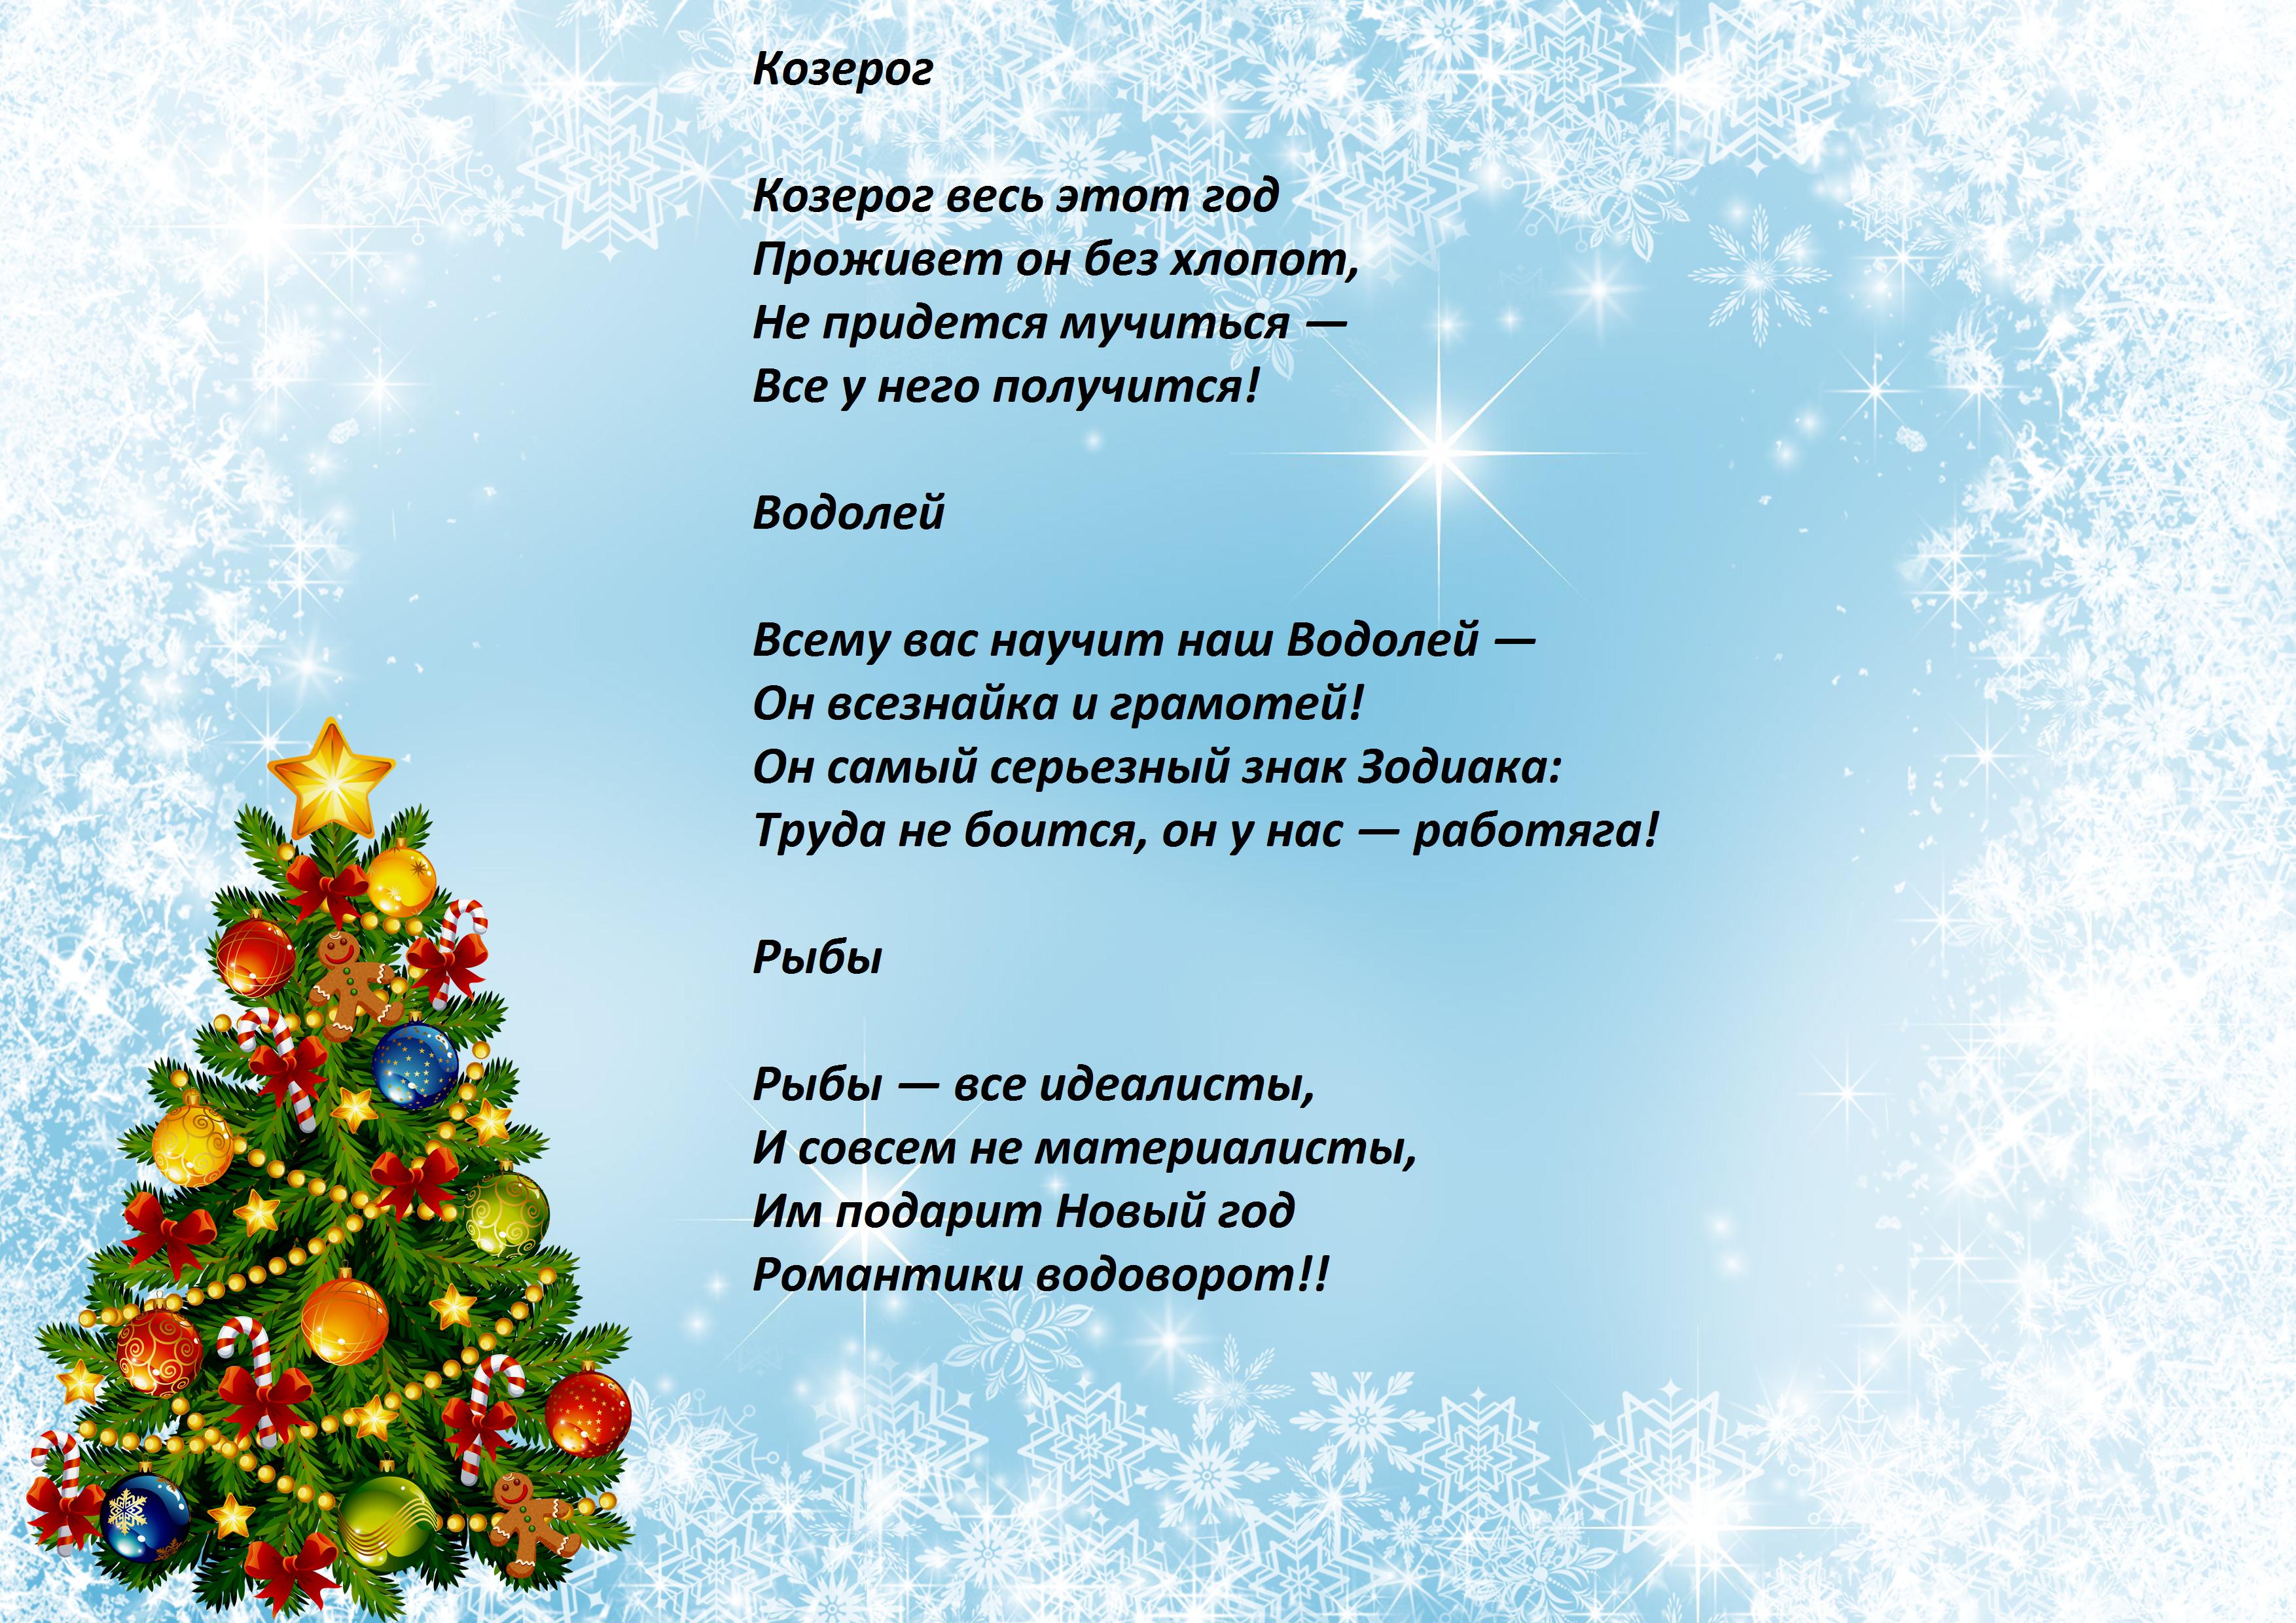 башкирский музыкальный поздравления с новым годом в гаданиях тем